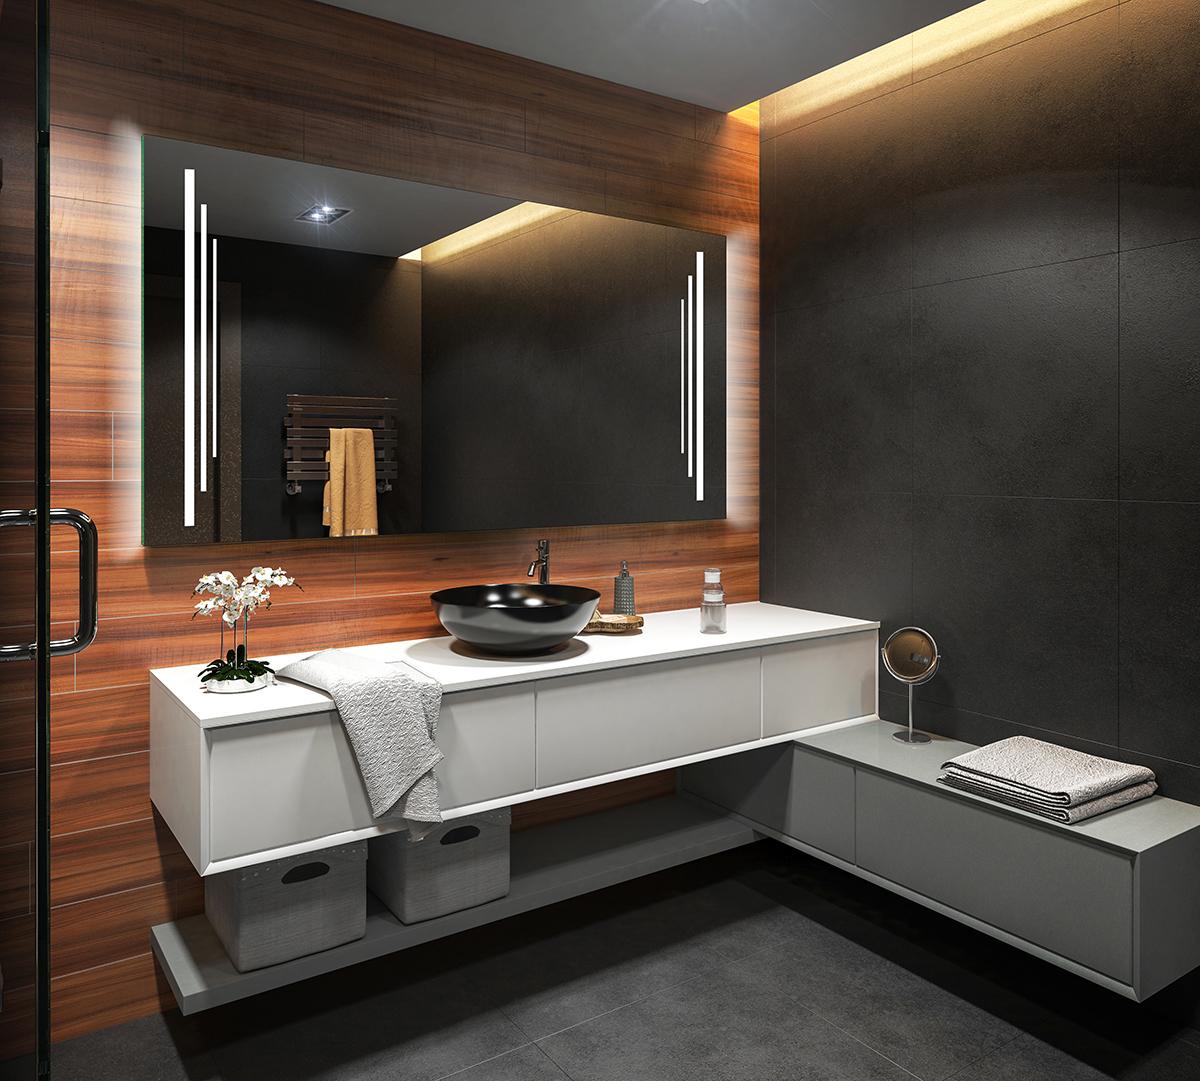 Specchio del bagno con illuminazione led misura l27 telaio del retro di specchio ebay - Illuminazione bagno led ...